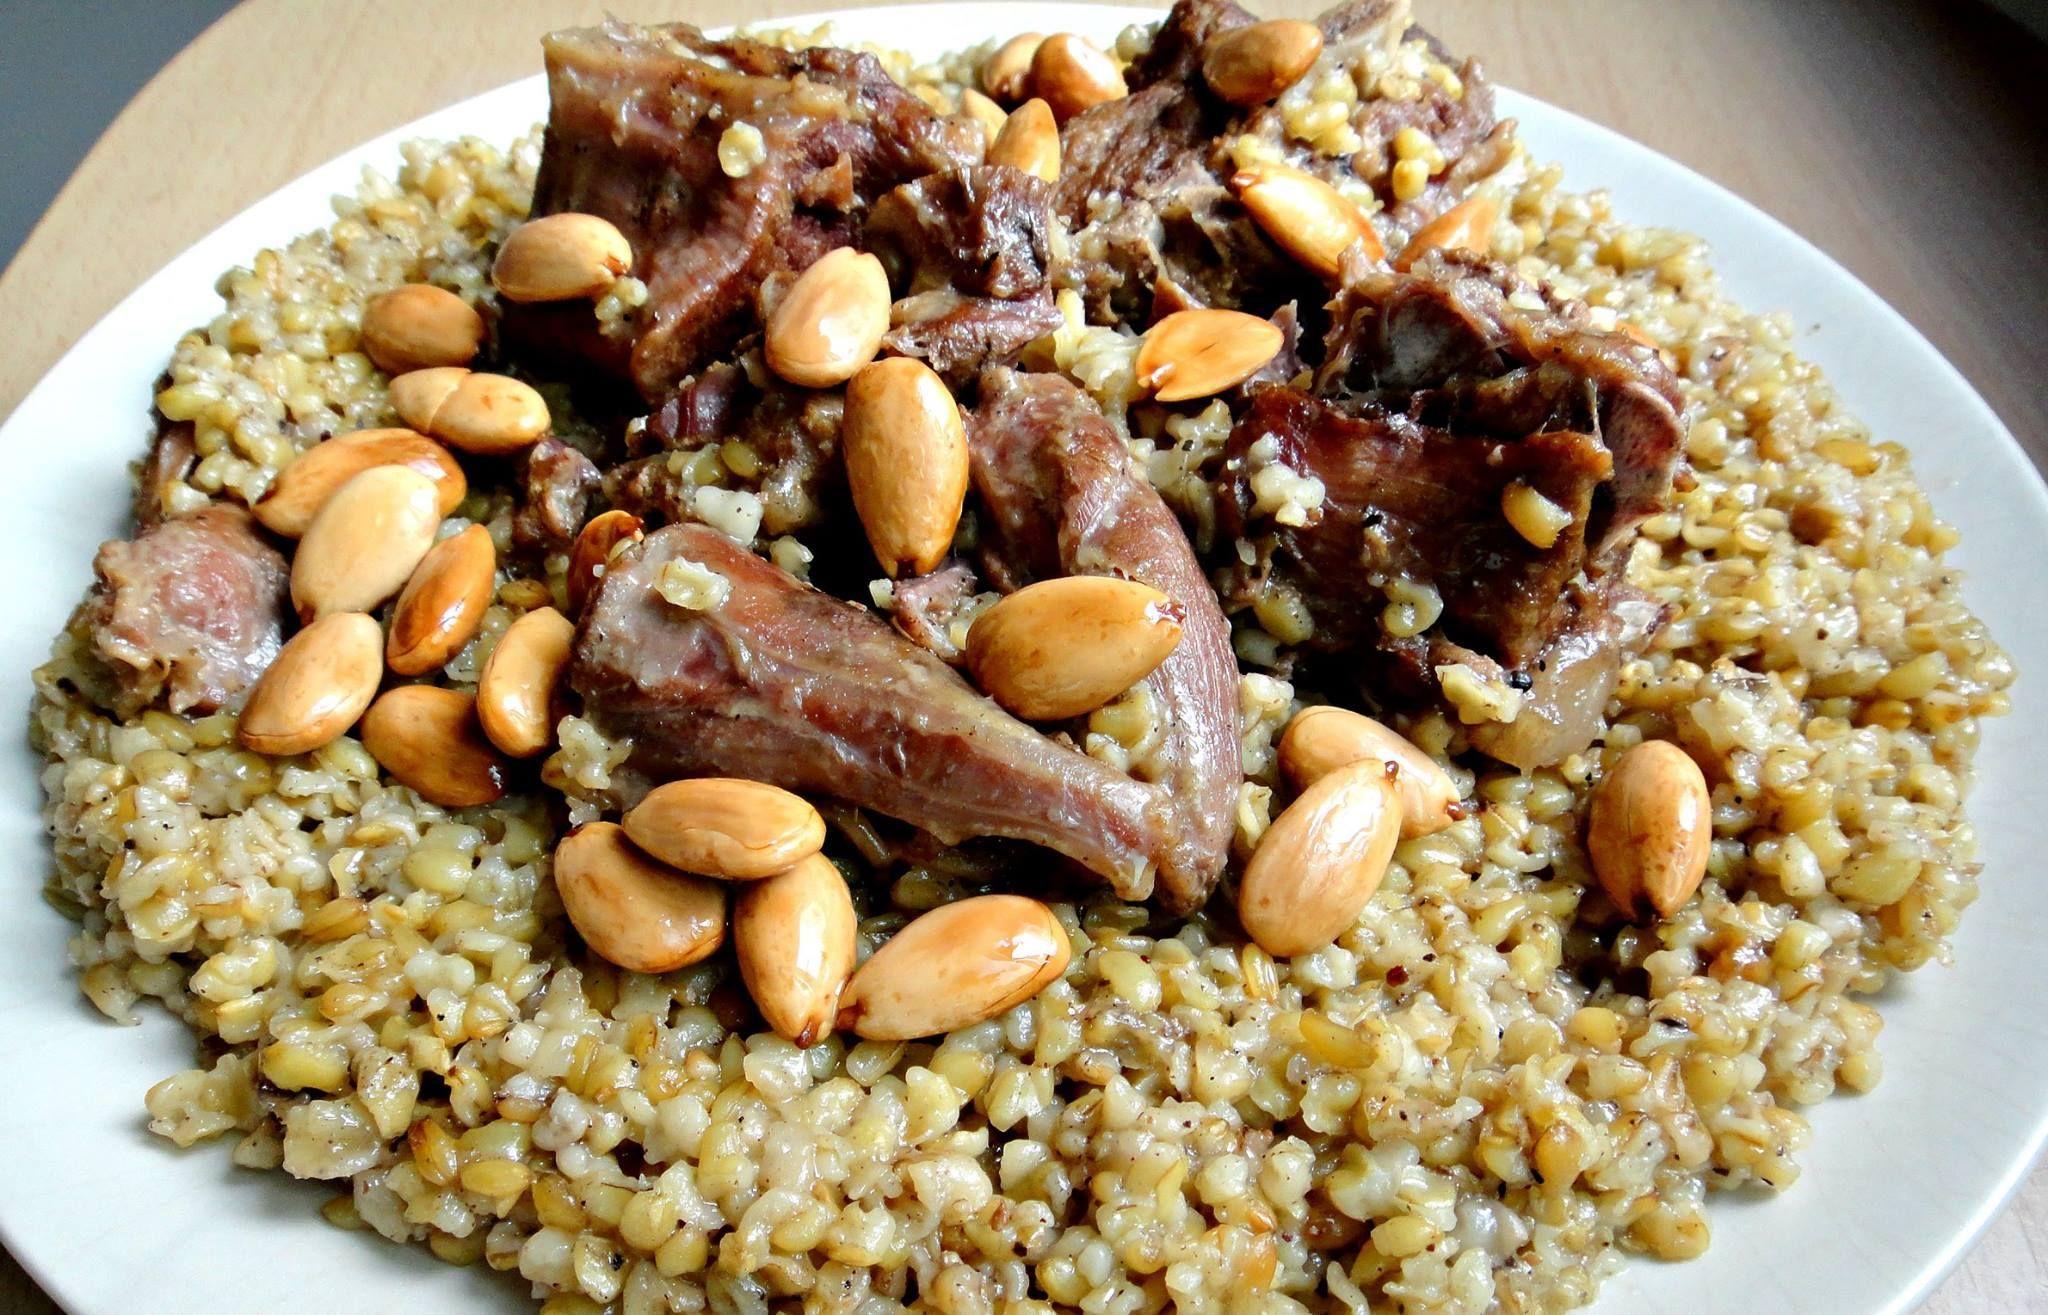 طريقة تحضير الفريكة باللحمة حلوة Recipe In 2021 Middle Eastern Recipes Food African Cooking